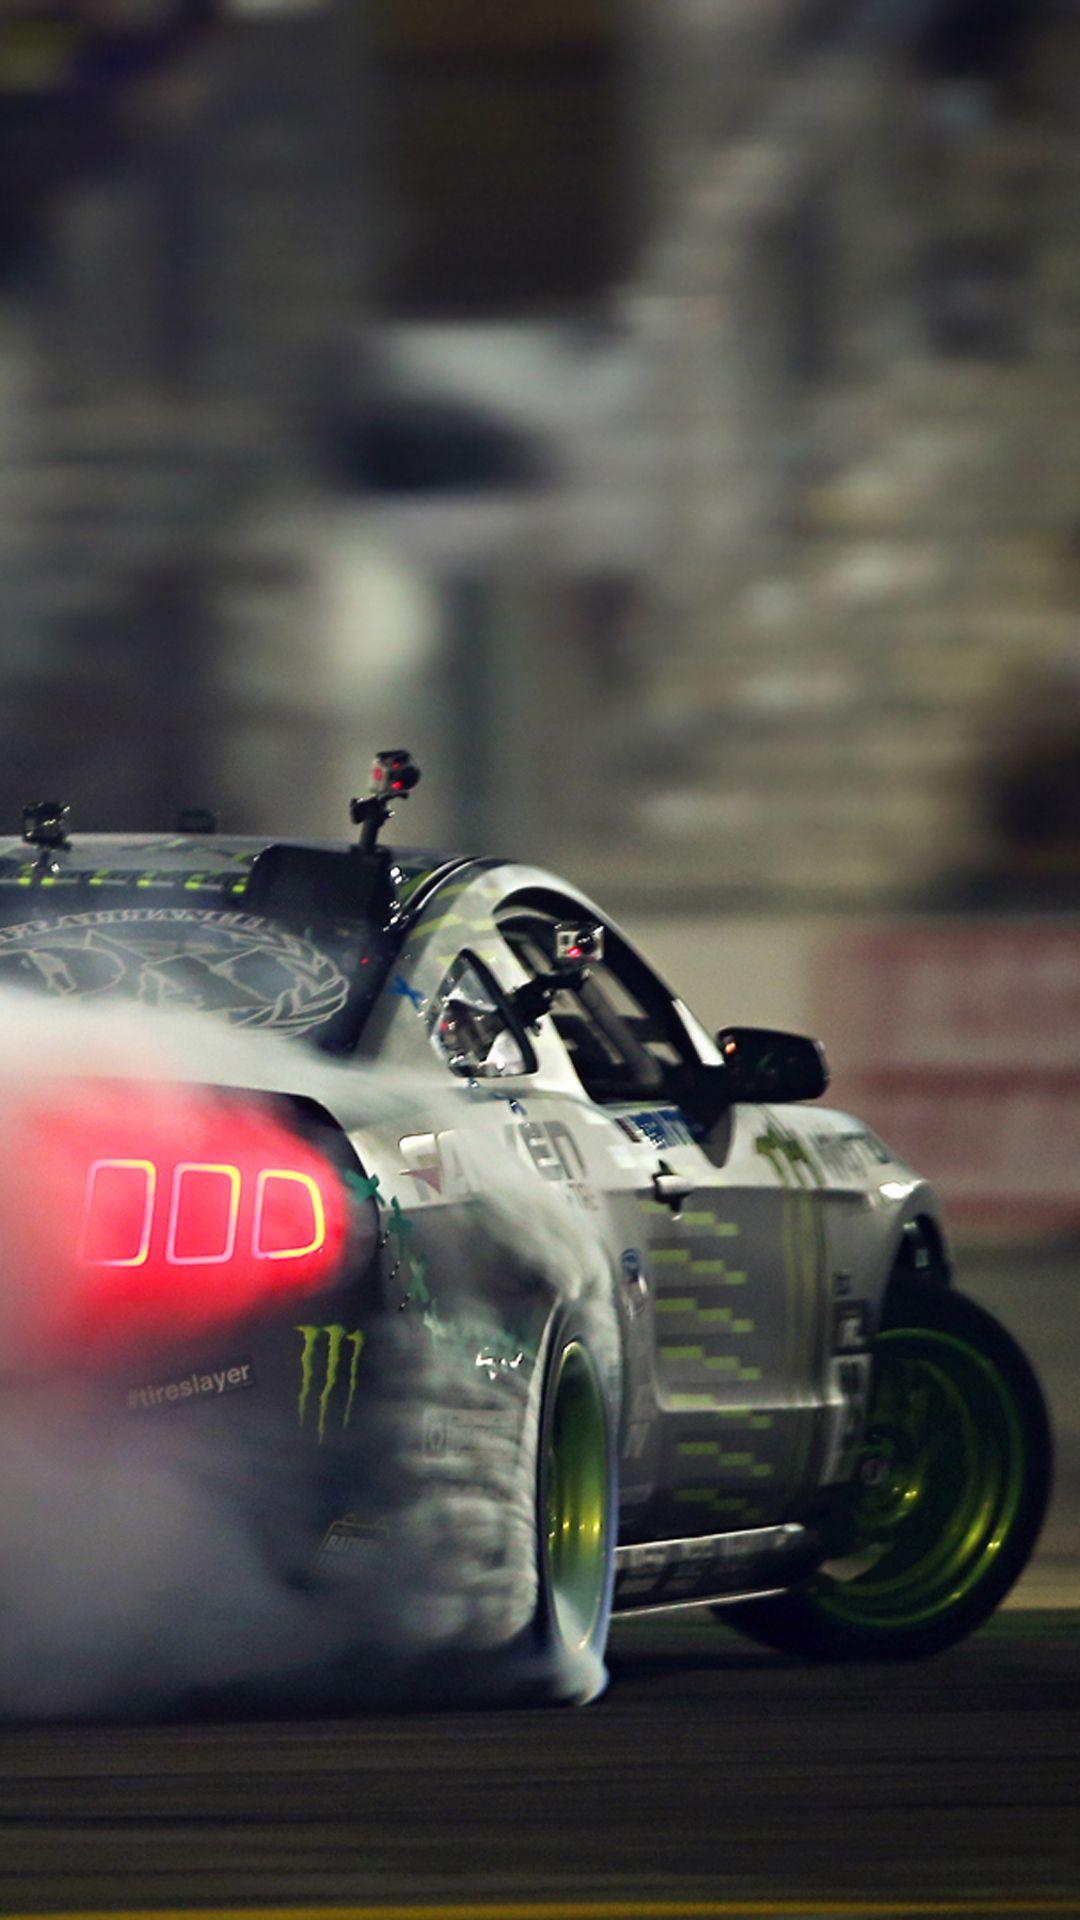 Phone Wallpaper Hd Mustang Drift Drifting Cars Drift Cars